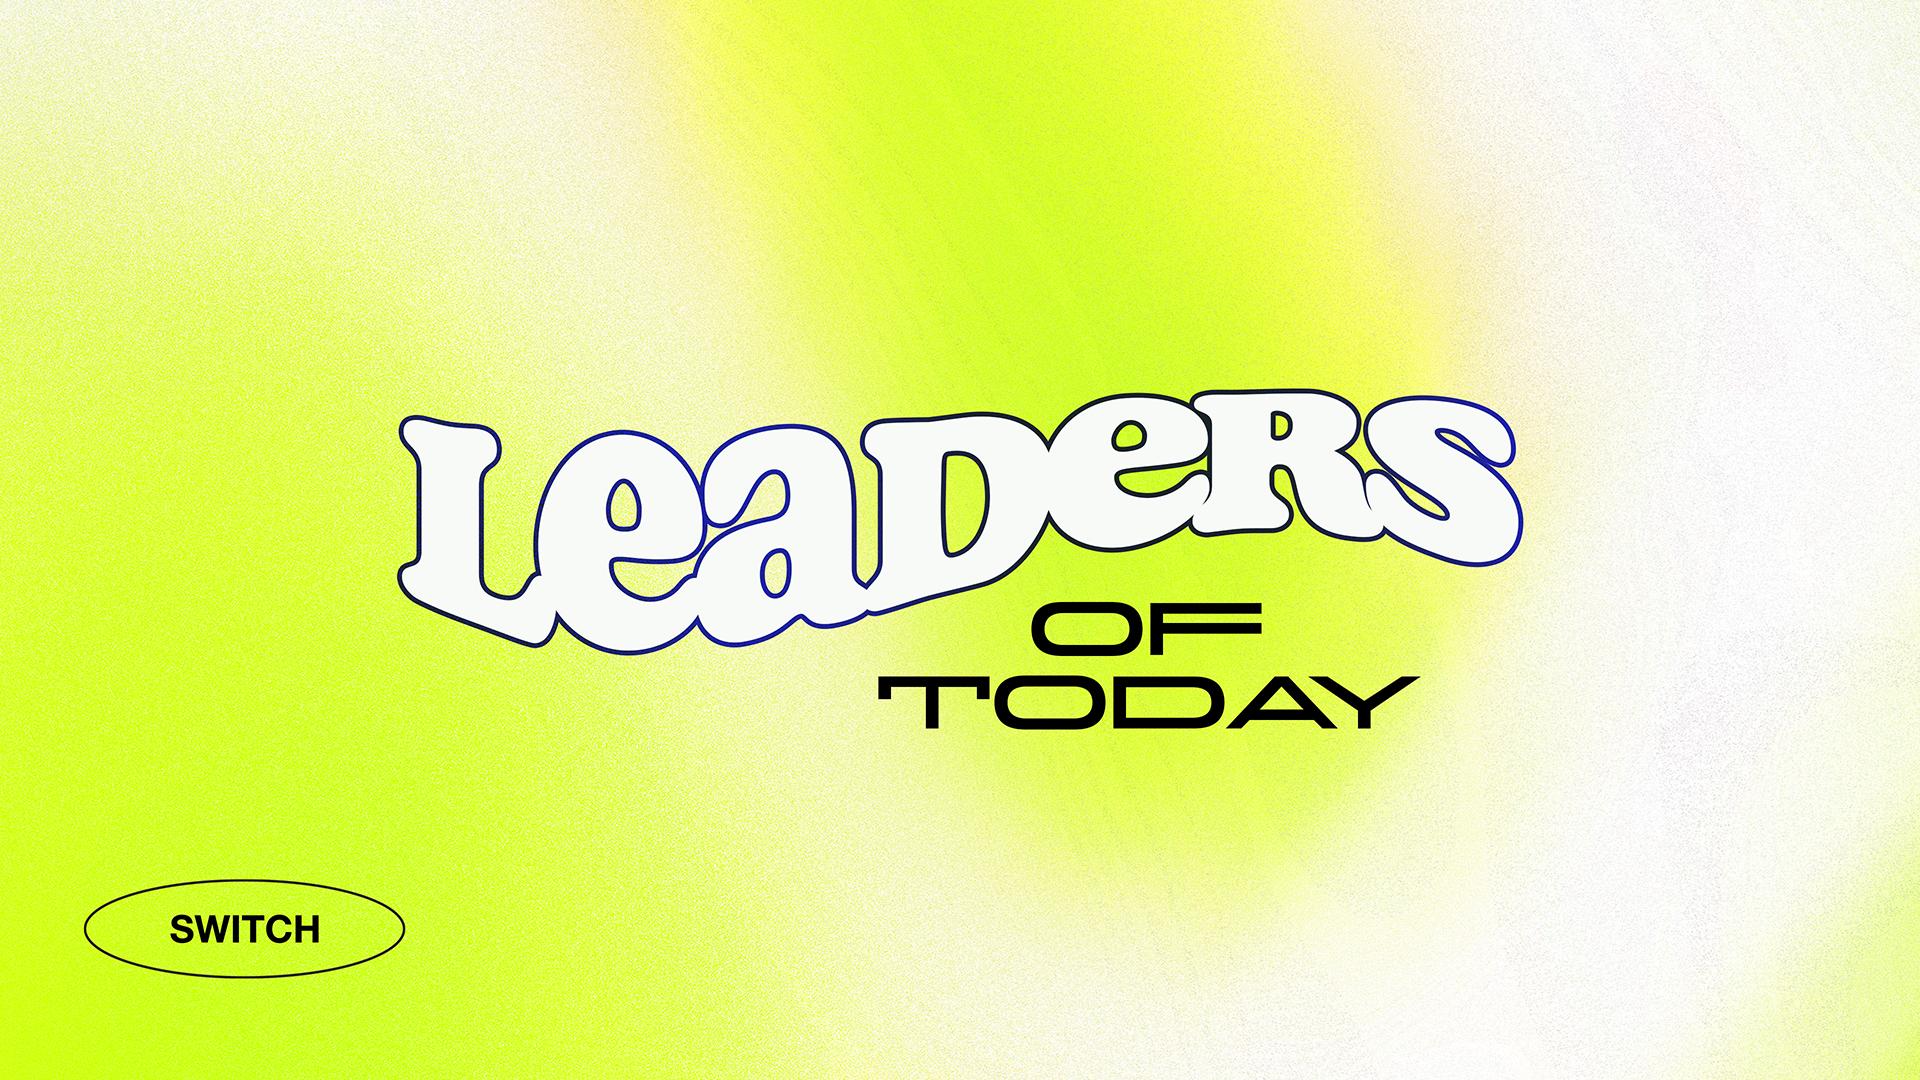 Leaders of Today (JPG)